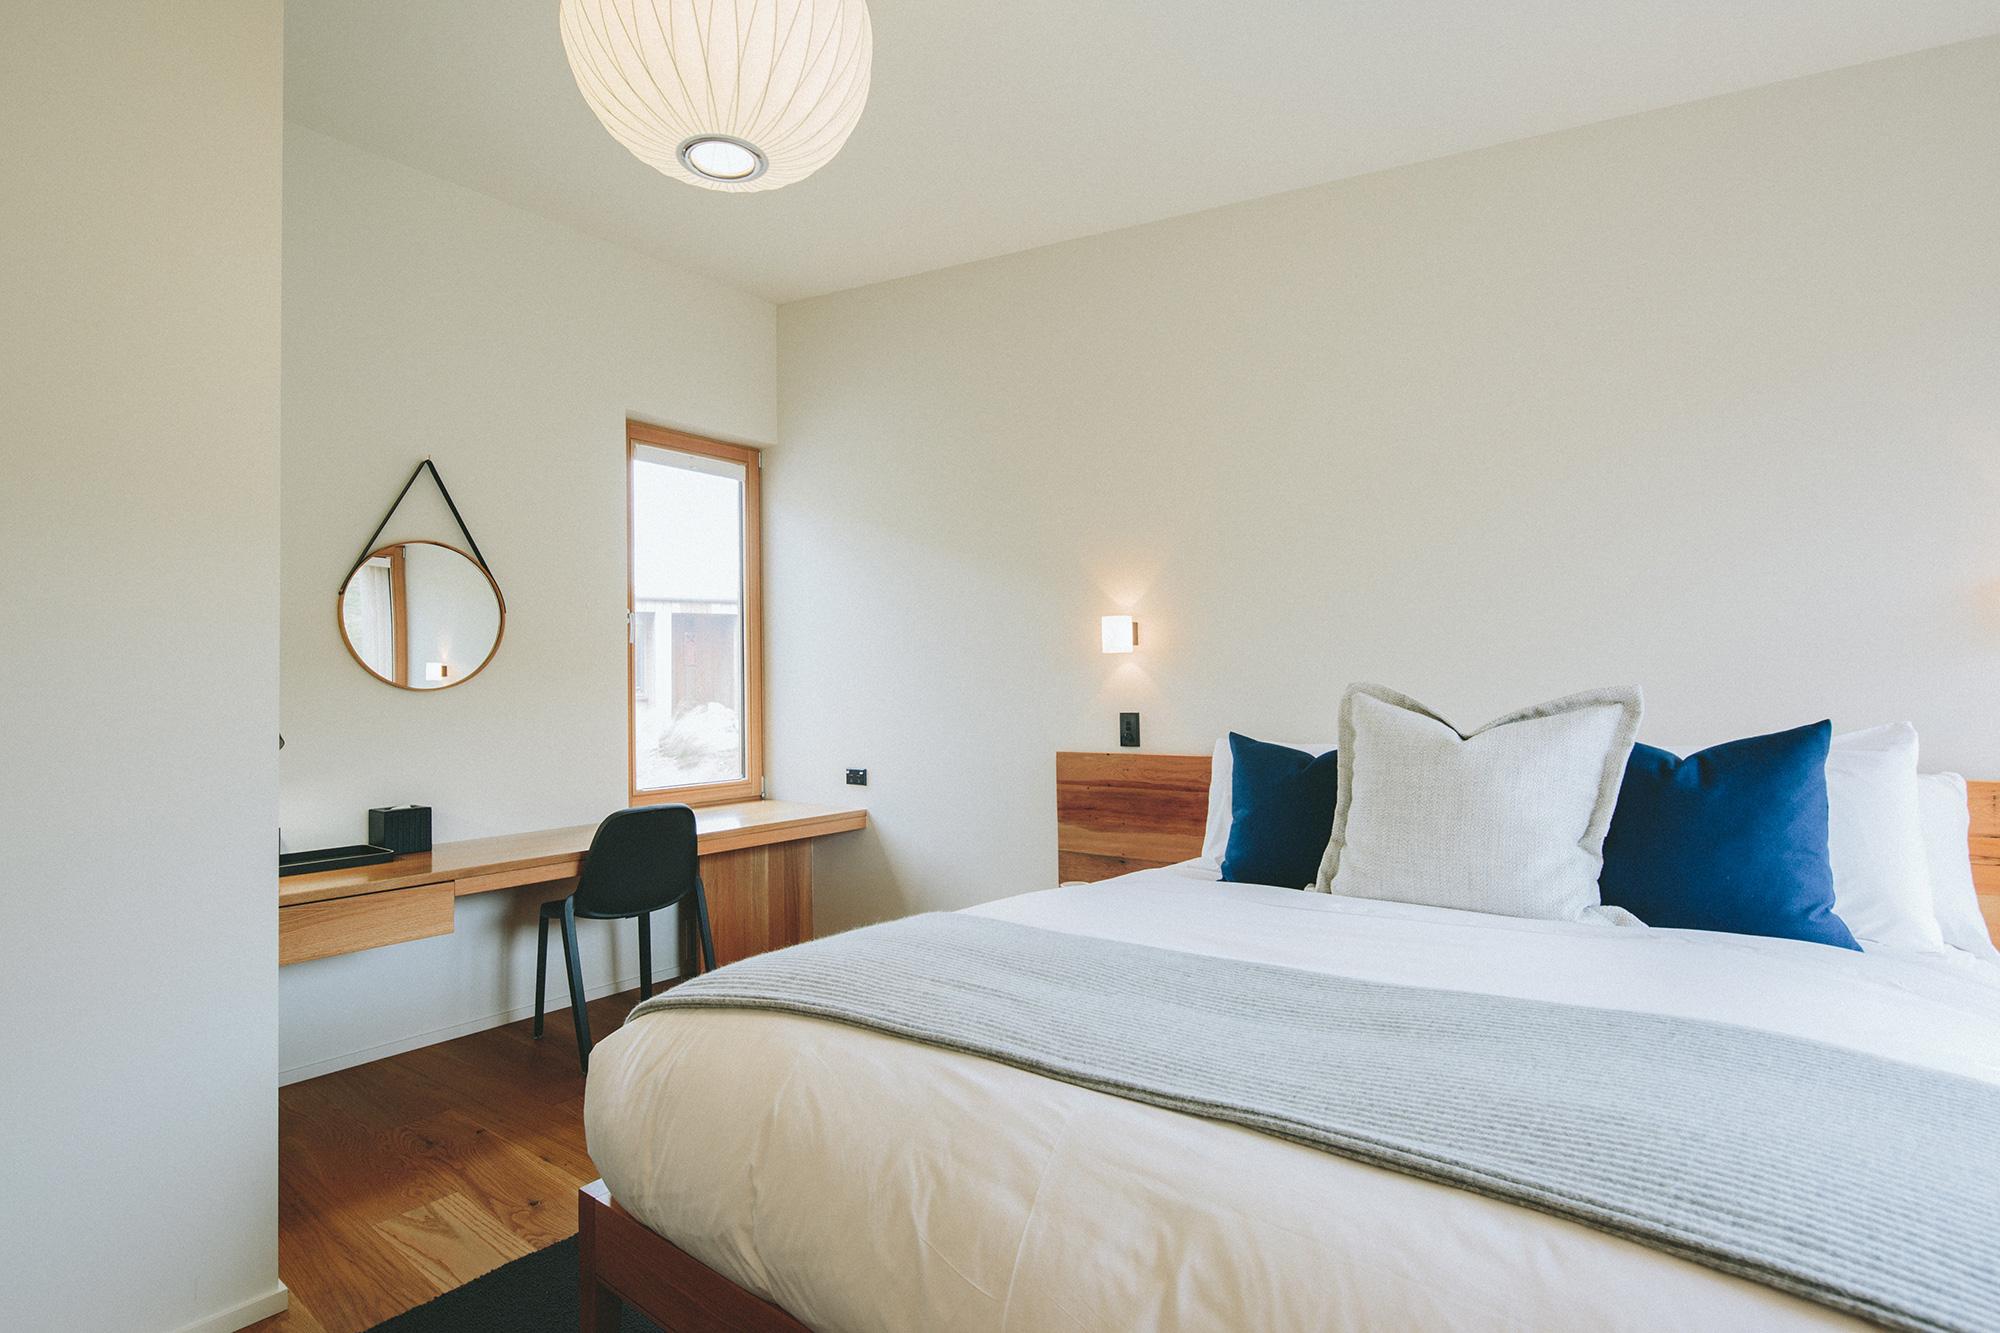 OFFRE 3 - LIT QUEEN SIZE AVEC SDB PRIVATIVE  Avec :Salle de bain privative,vue sur l'océan,air conditionné,suite moderne, lit queen size